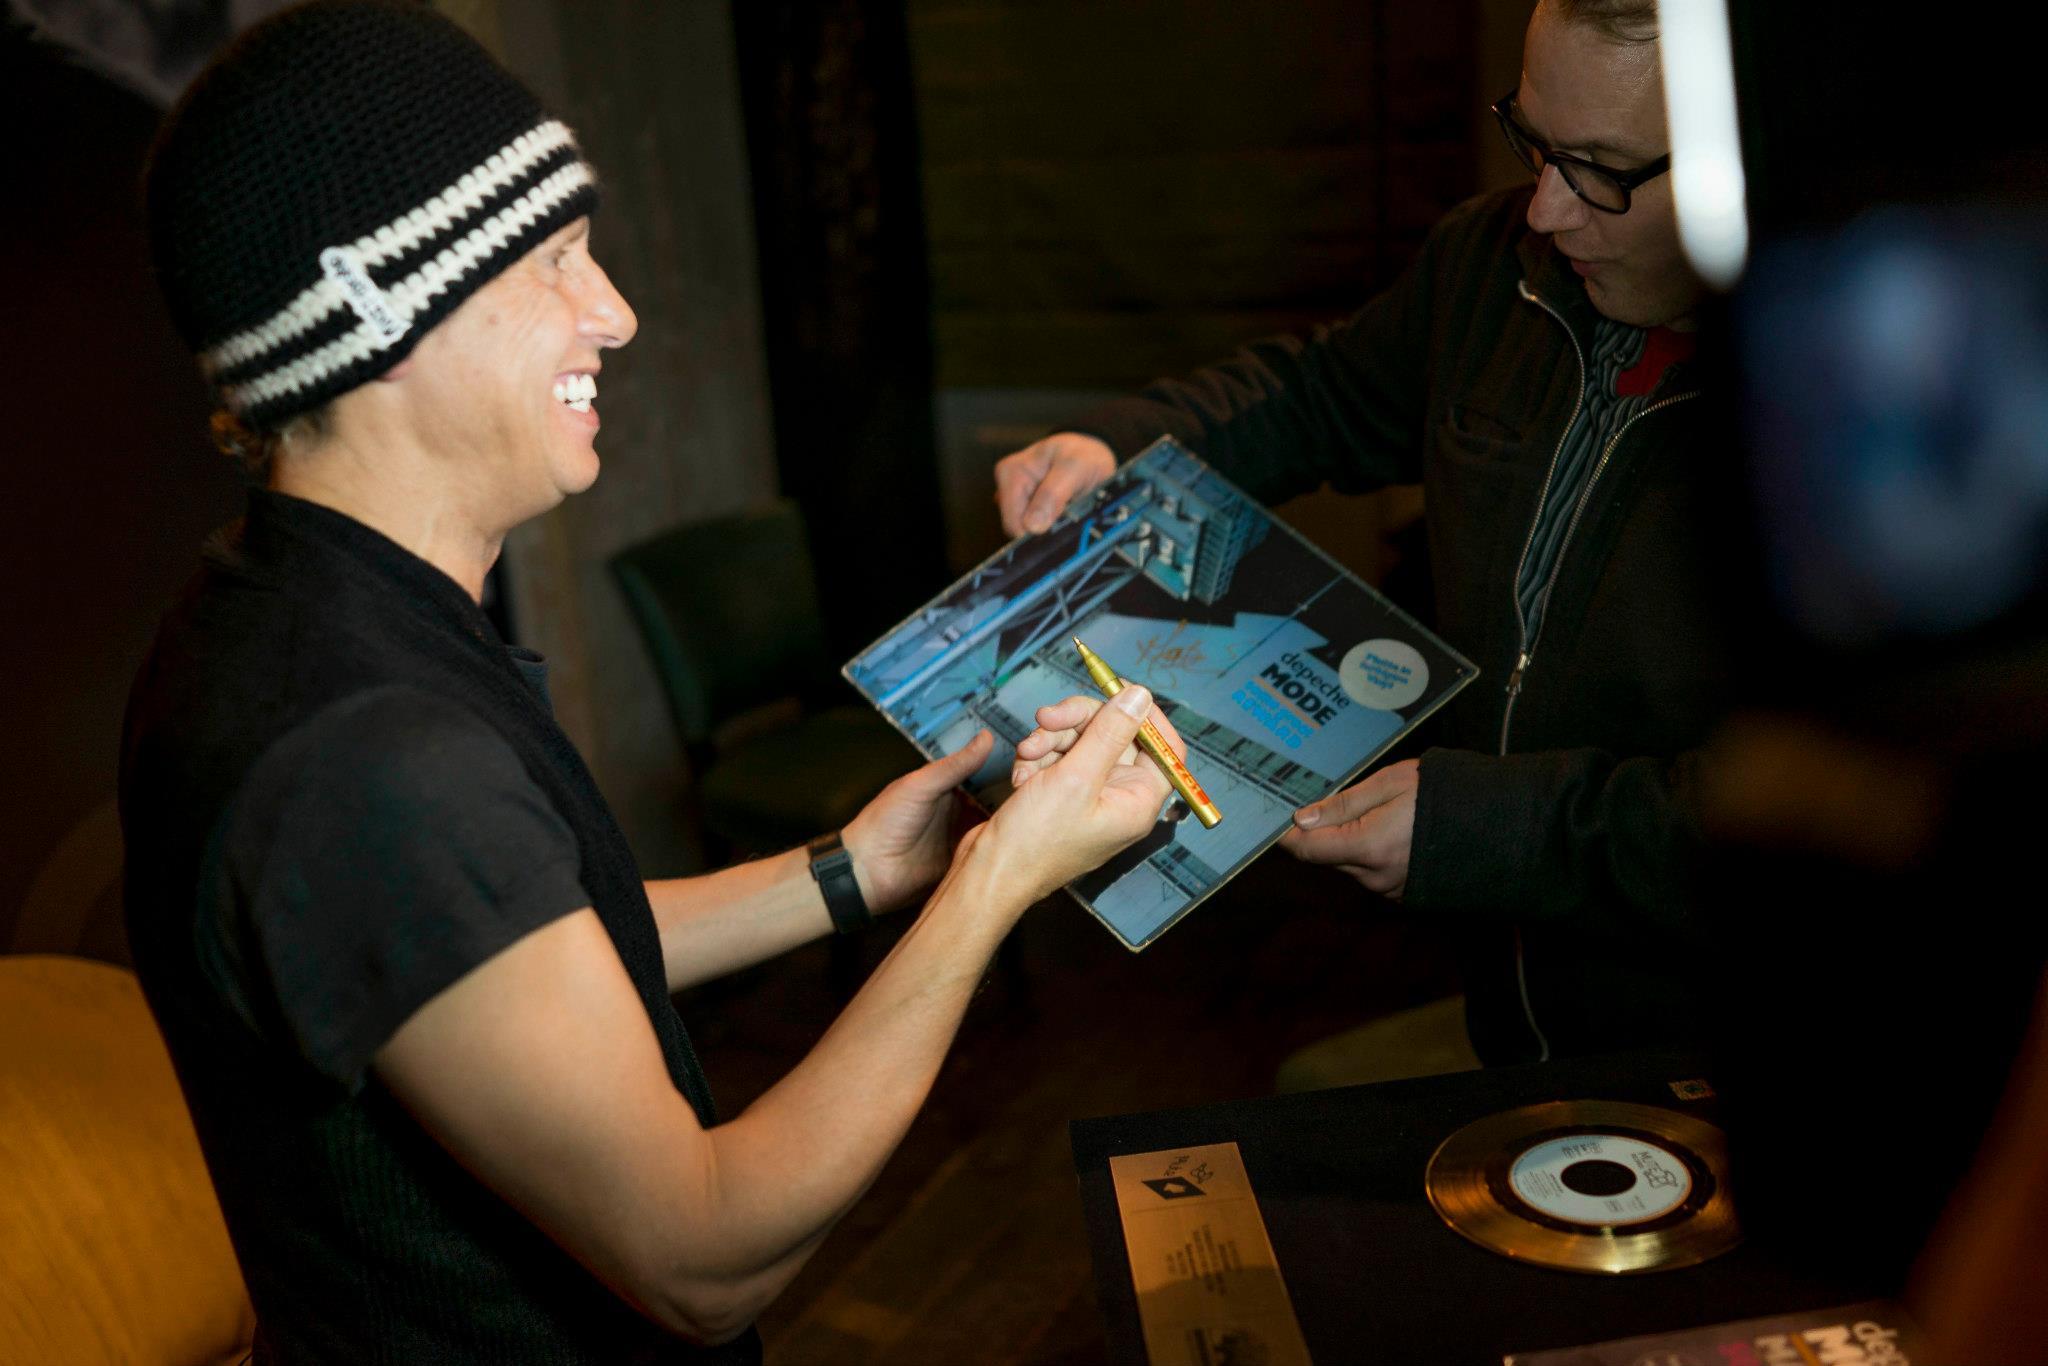 Depeche Mode X Hublot Big Bang Watch